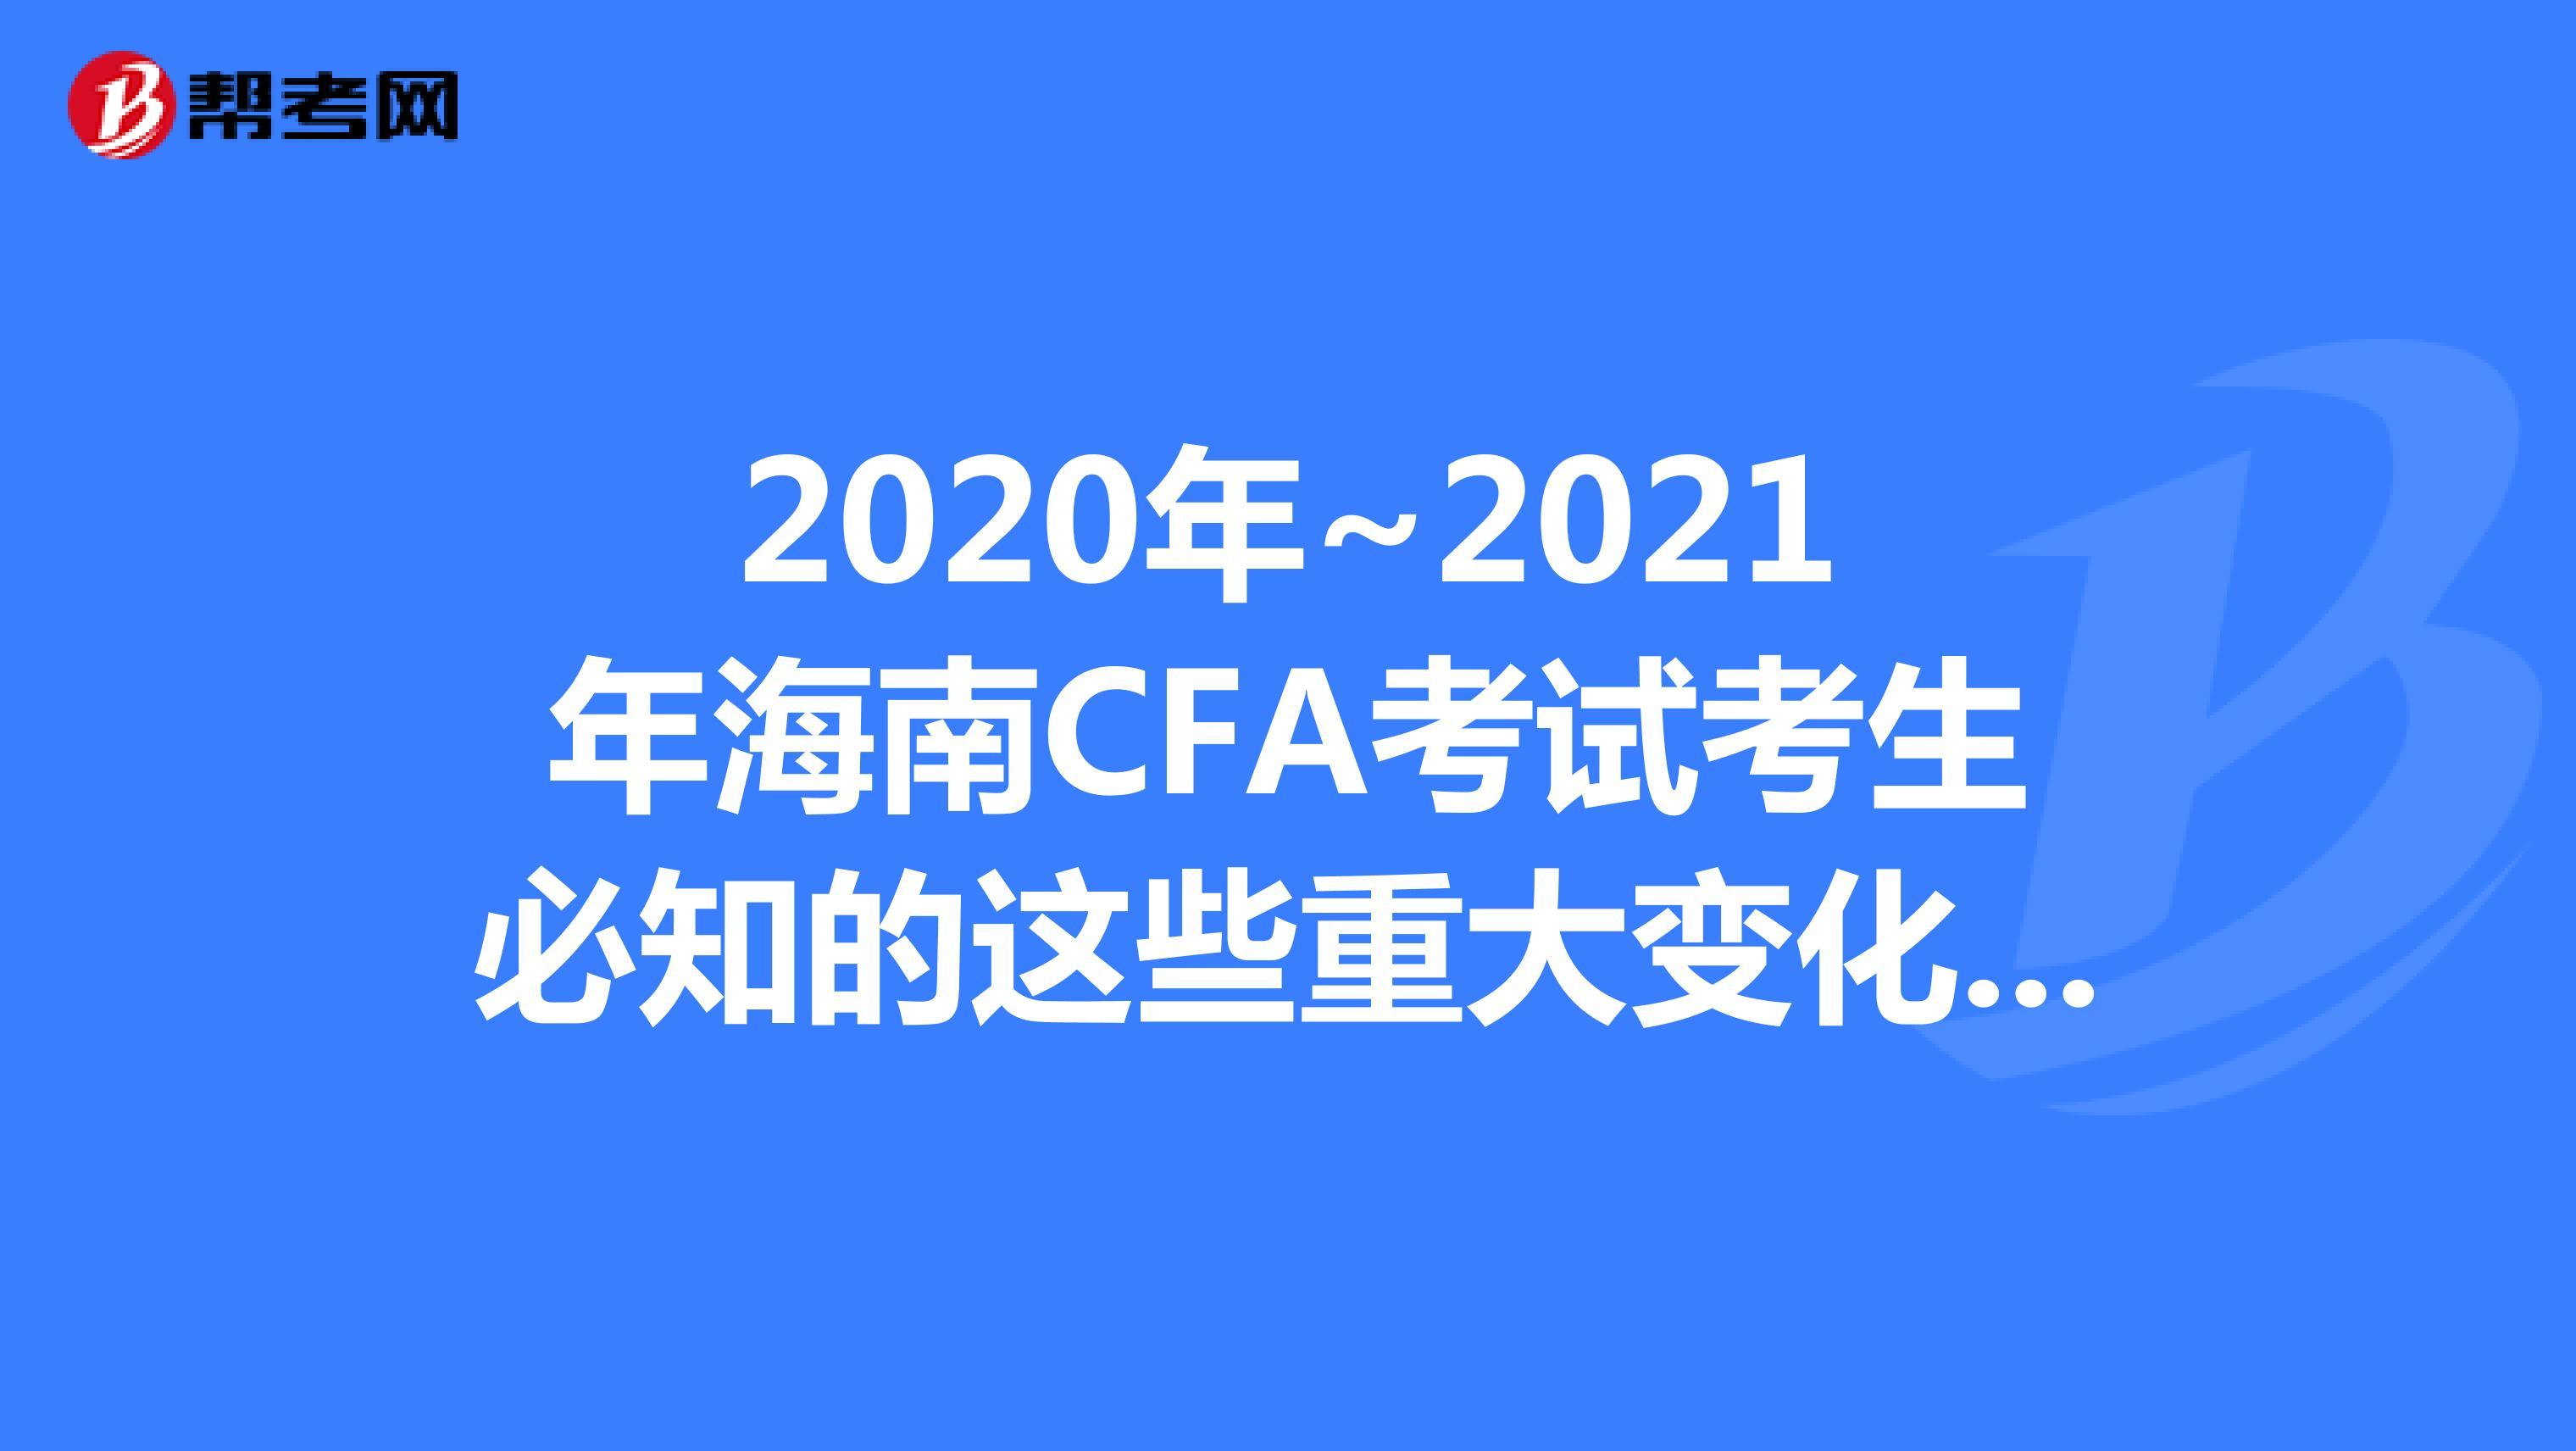 2020年~2021年海南CFA考试考生必知的这些重大变化,快来看看吧!